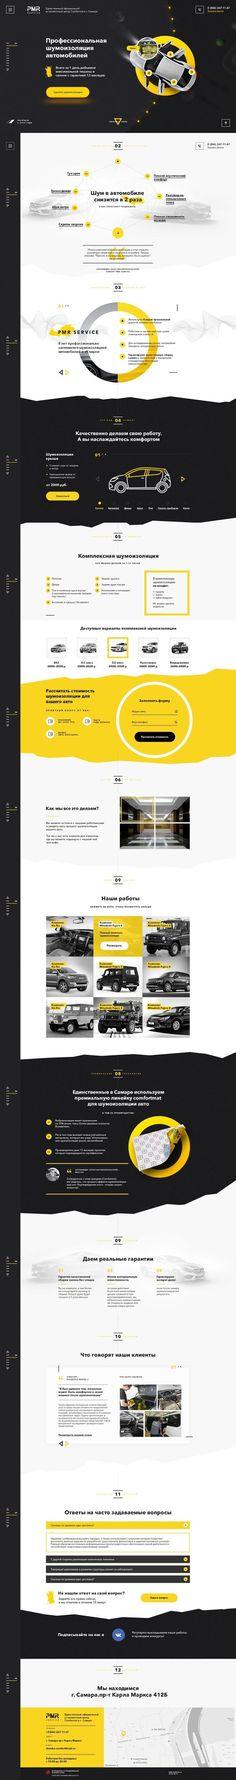 Стильные дизайны сайтов и лендингов со всего интернета Website Design Layout, Web Layout, Layout Design, Website Designs, Website Ideas, Website Design Inspiration, Web Design Inspiration, Modern Website, Wordpress